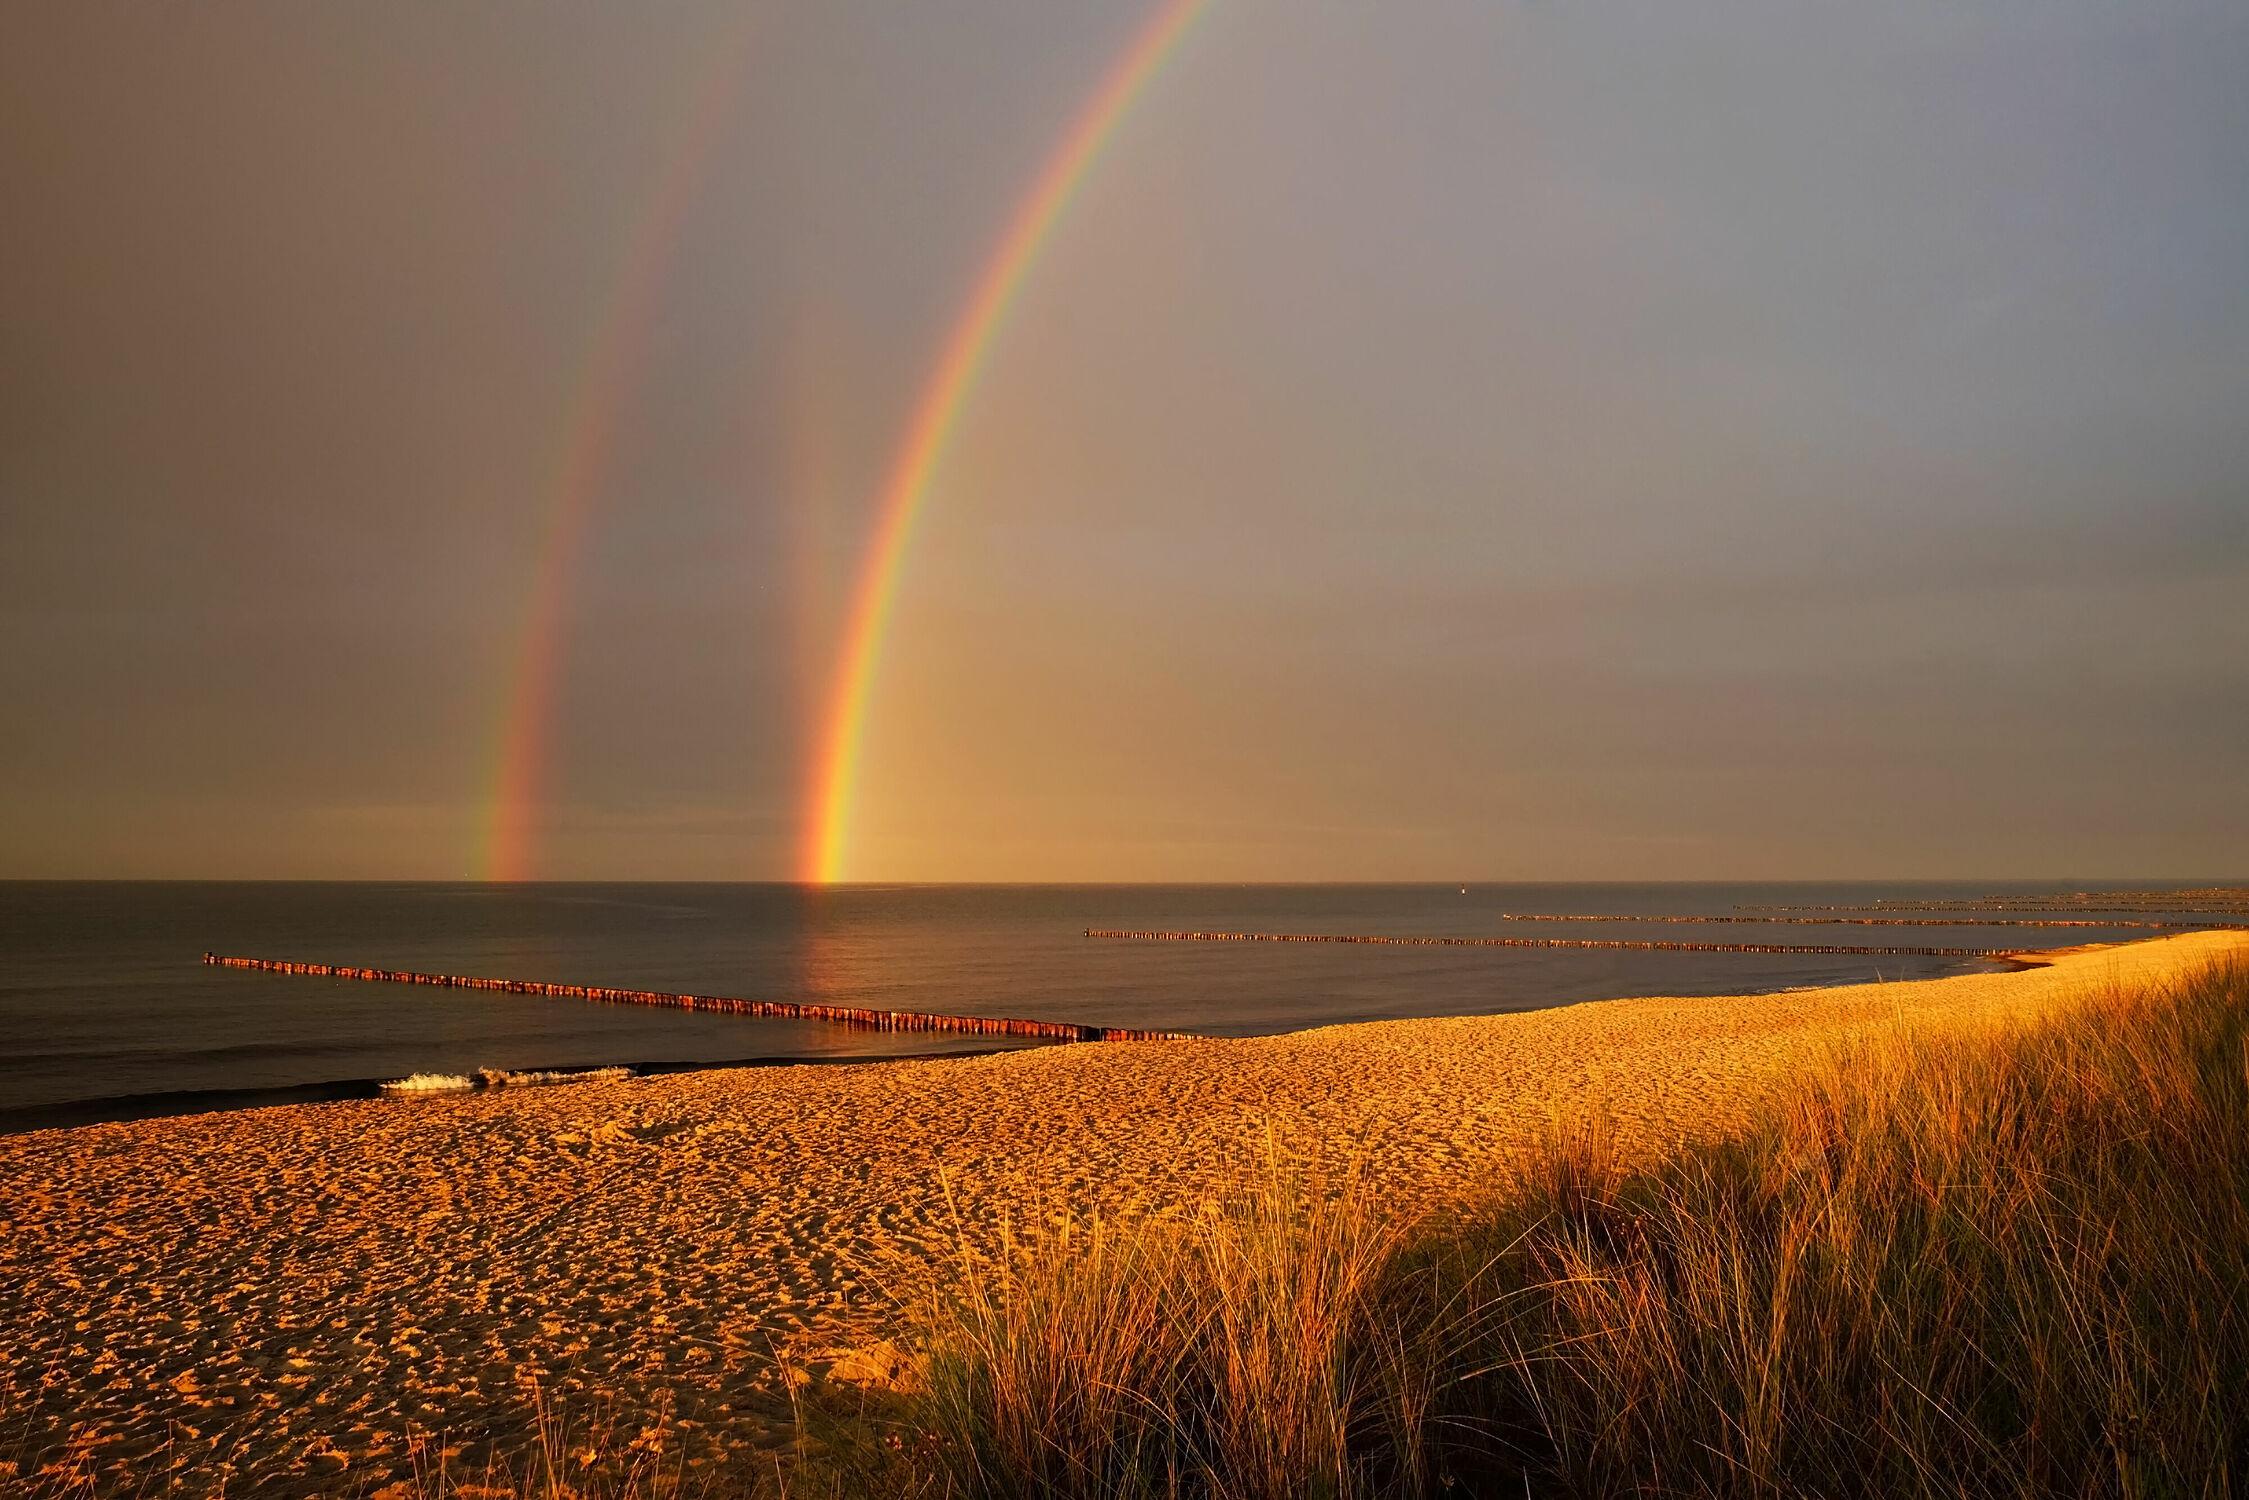 Bild mit Himmel, Wolken, Strände, Sonnenuntergang, Urlaub, Strand, Ostsee, Meer, Regenbögen, Küste, Reisen, Regen, Ausspannen, Geniessen, Naturschauspiel